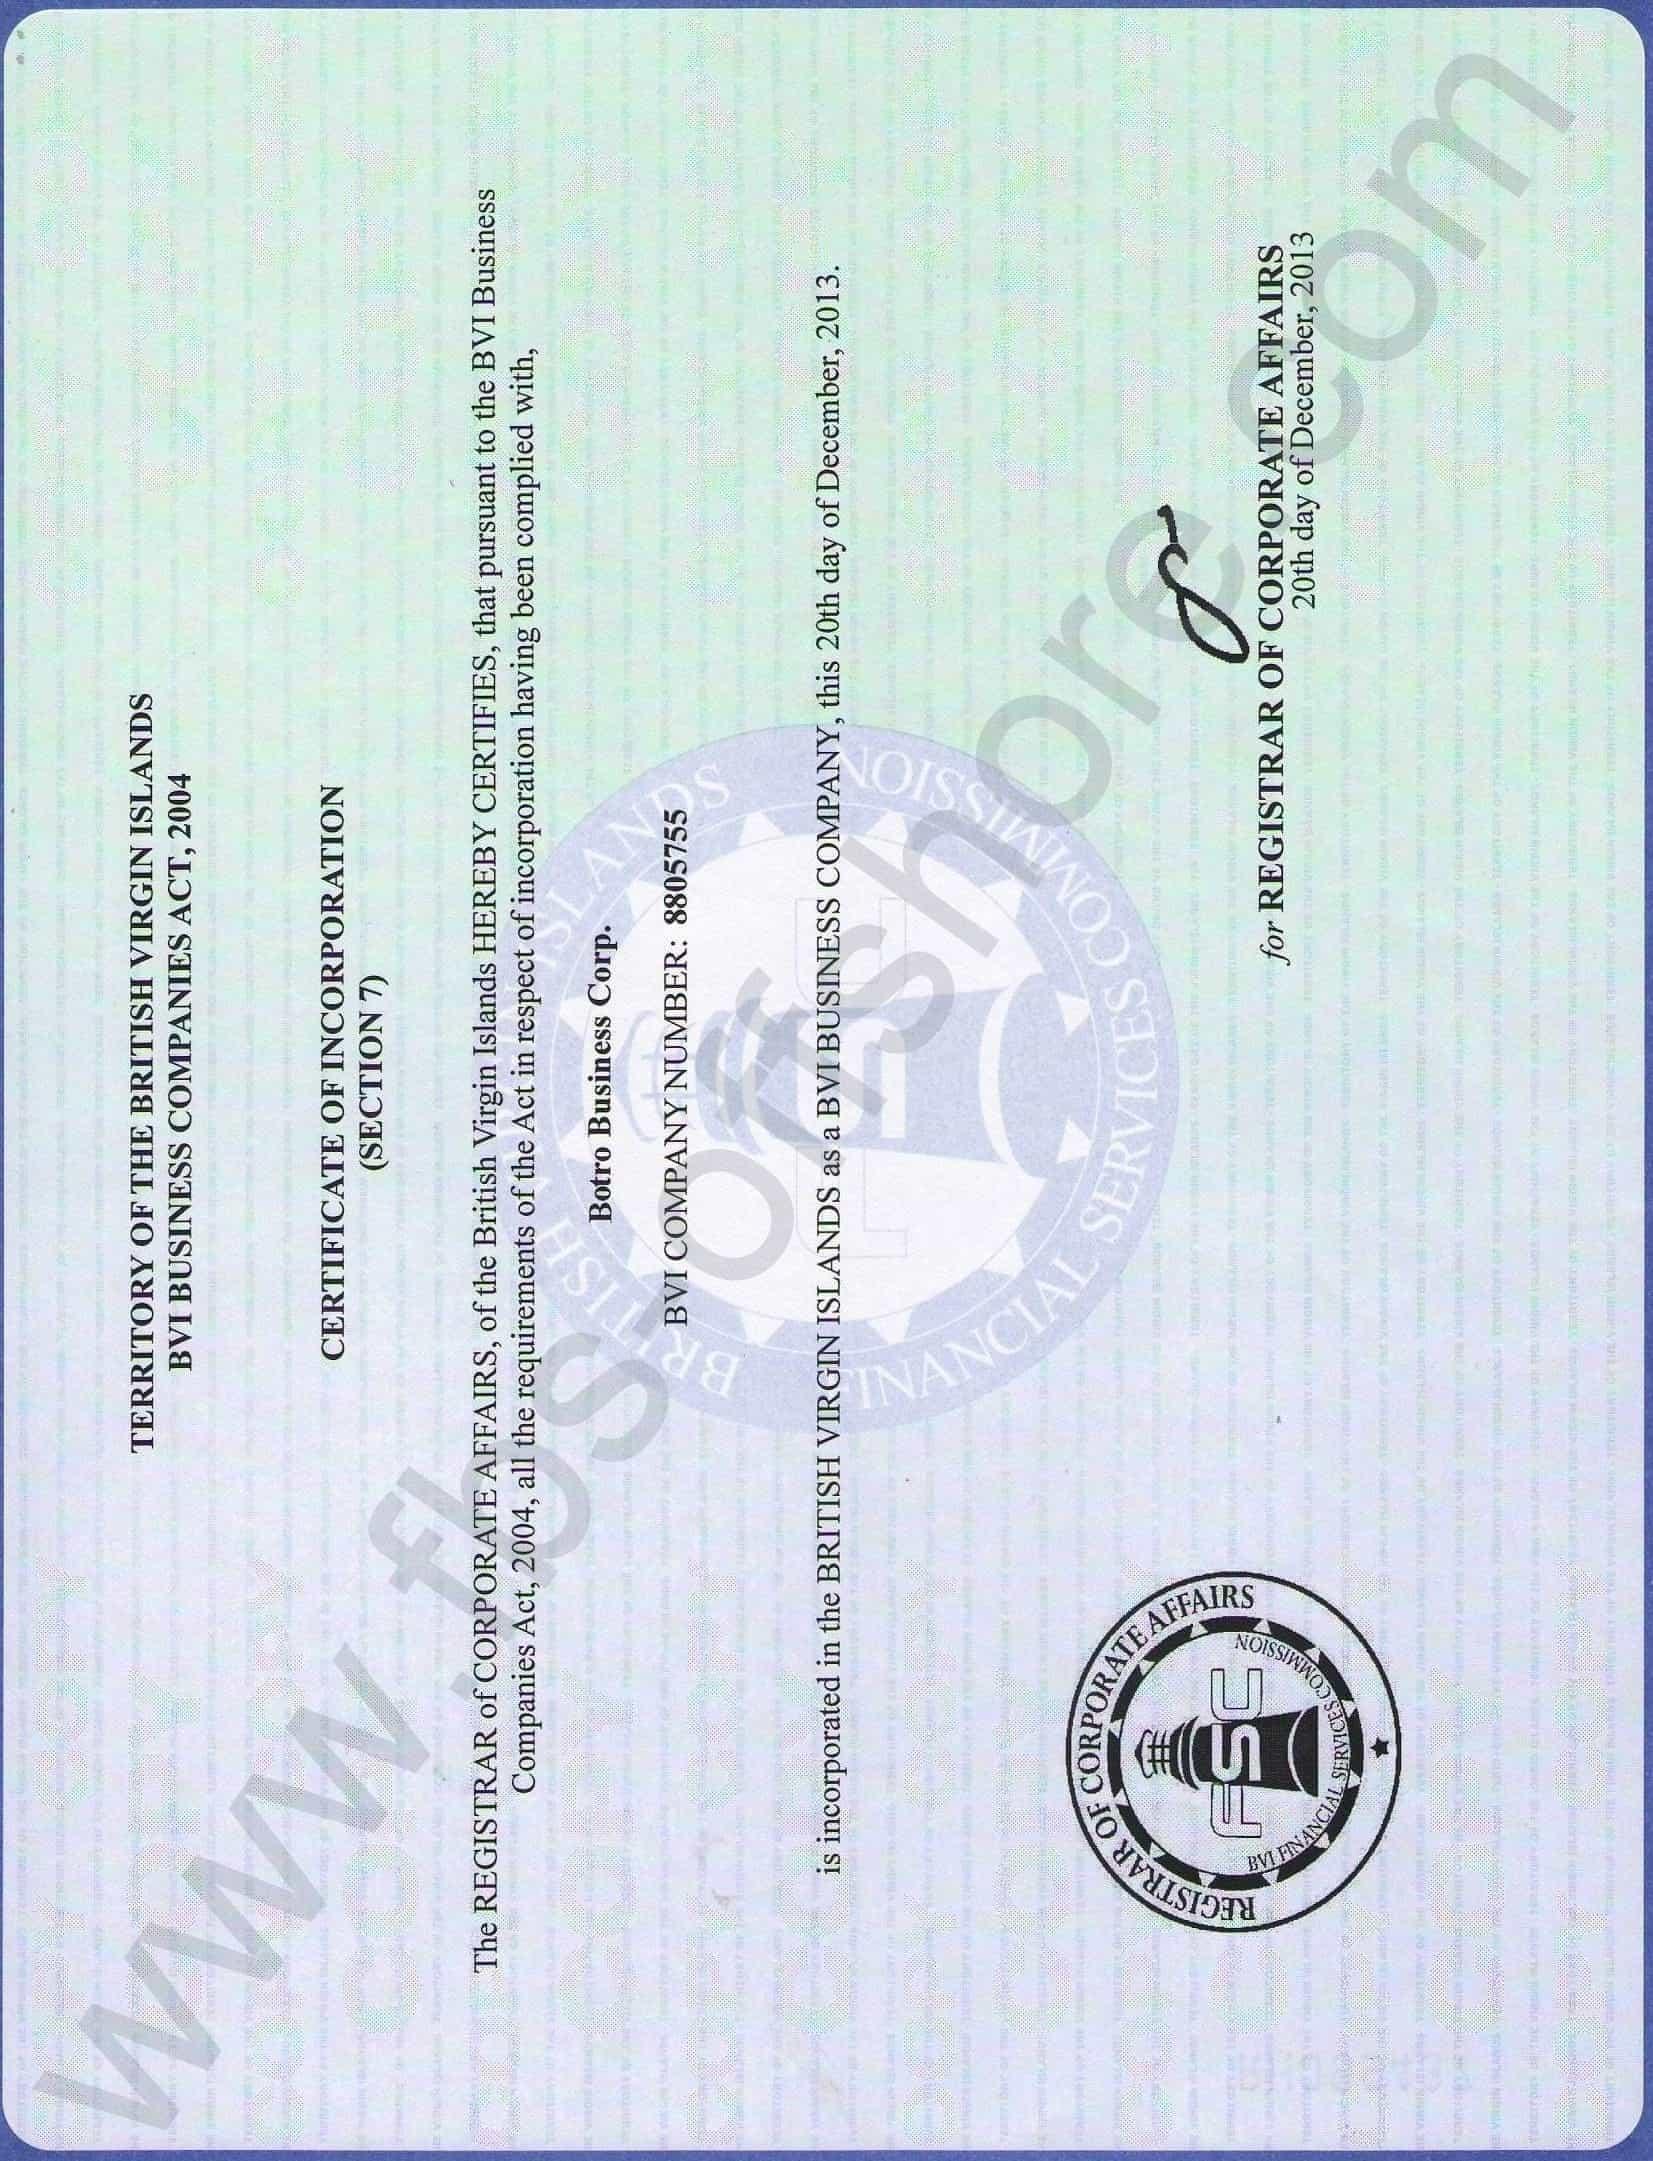 Сертификат регистрации компании